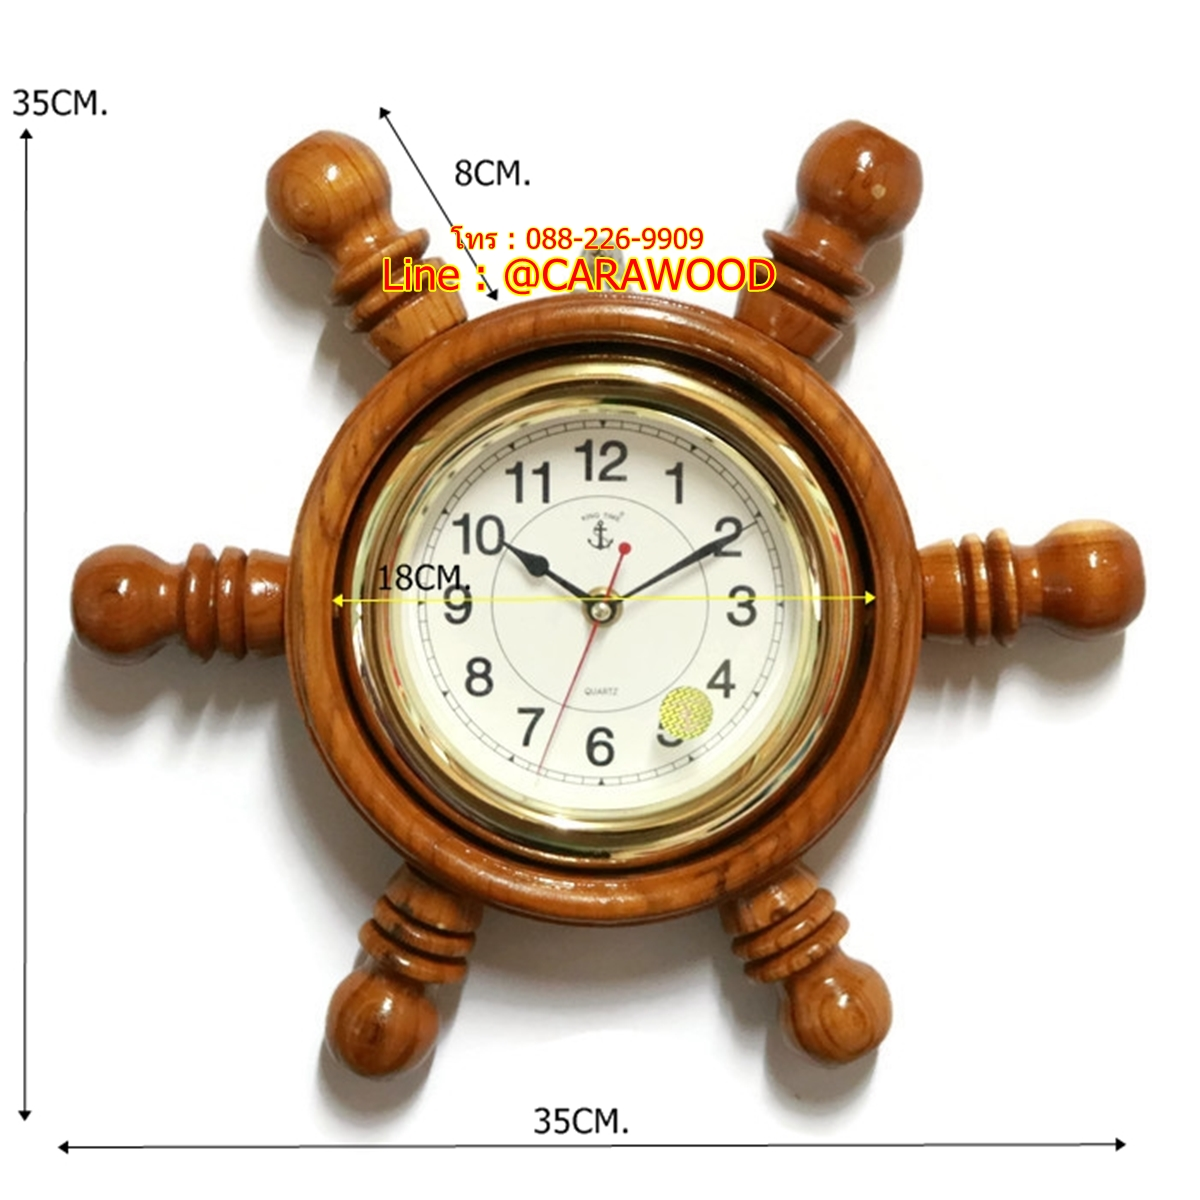 นาฬิกาพวงมาลัยเรือไม้สักทอง 8 นิ้ว